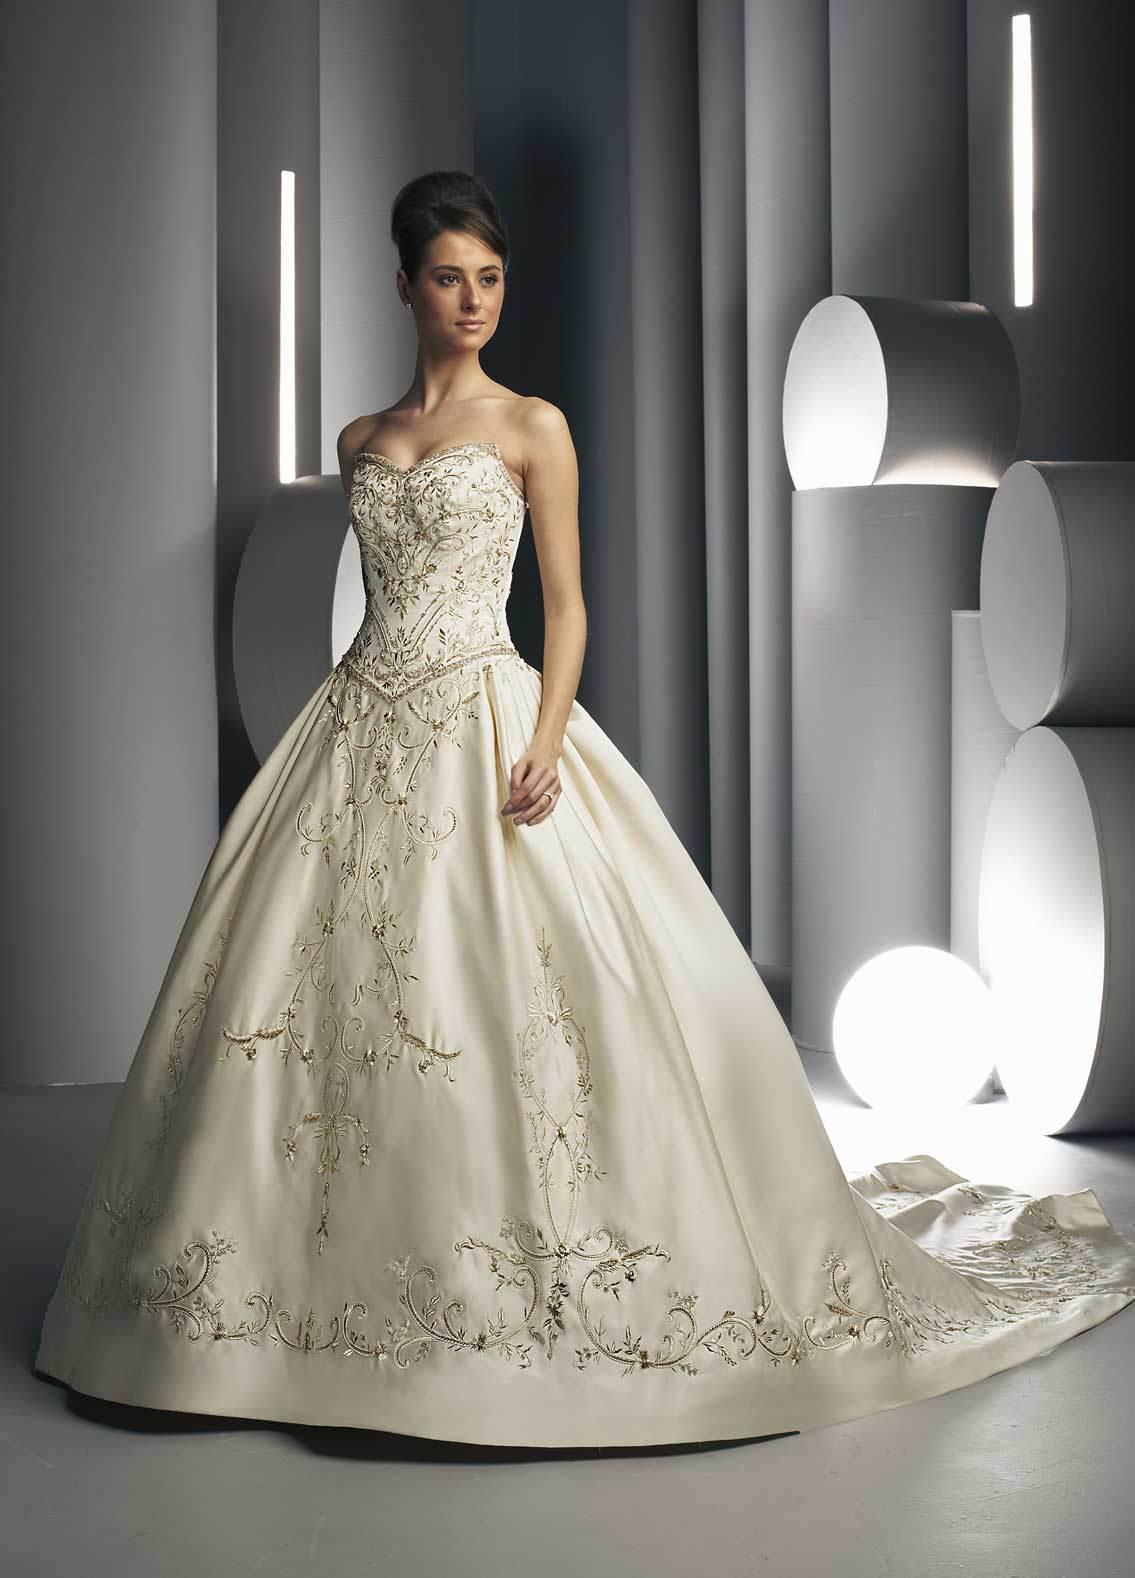 xxl wedding dress boxes wedding dress storage box Xxl Wedding Dress Boxes 16